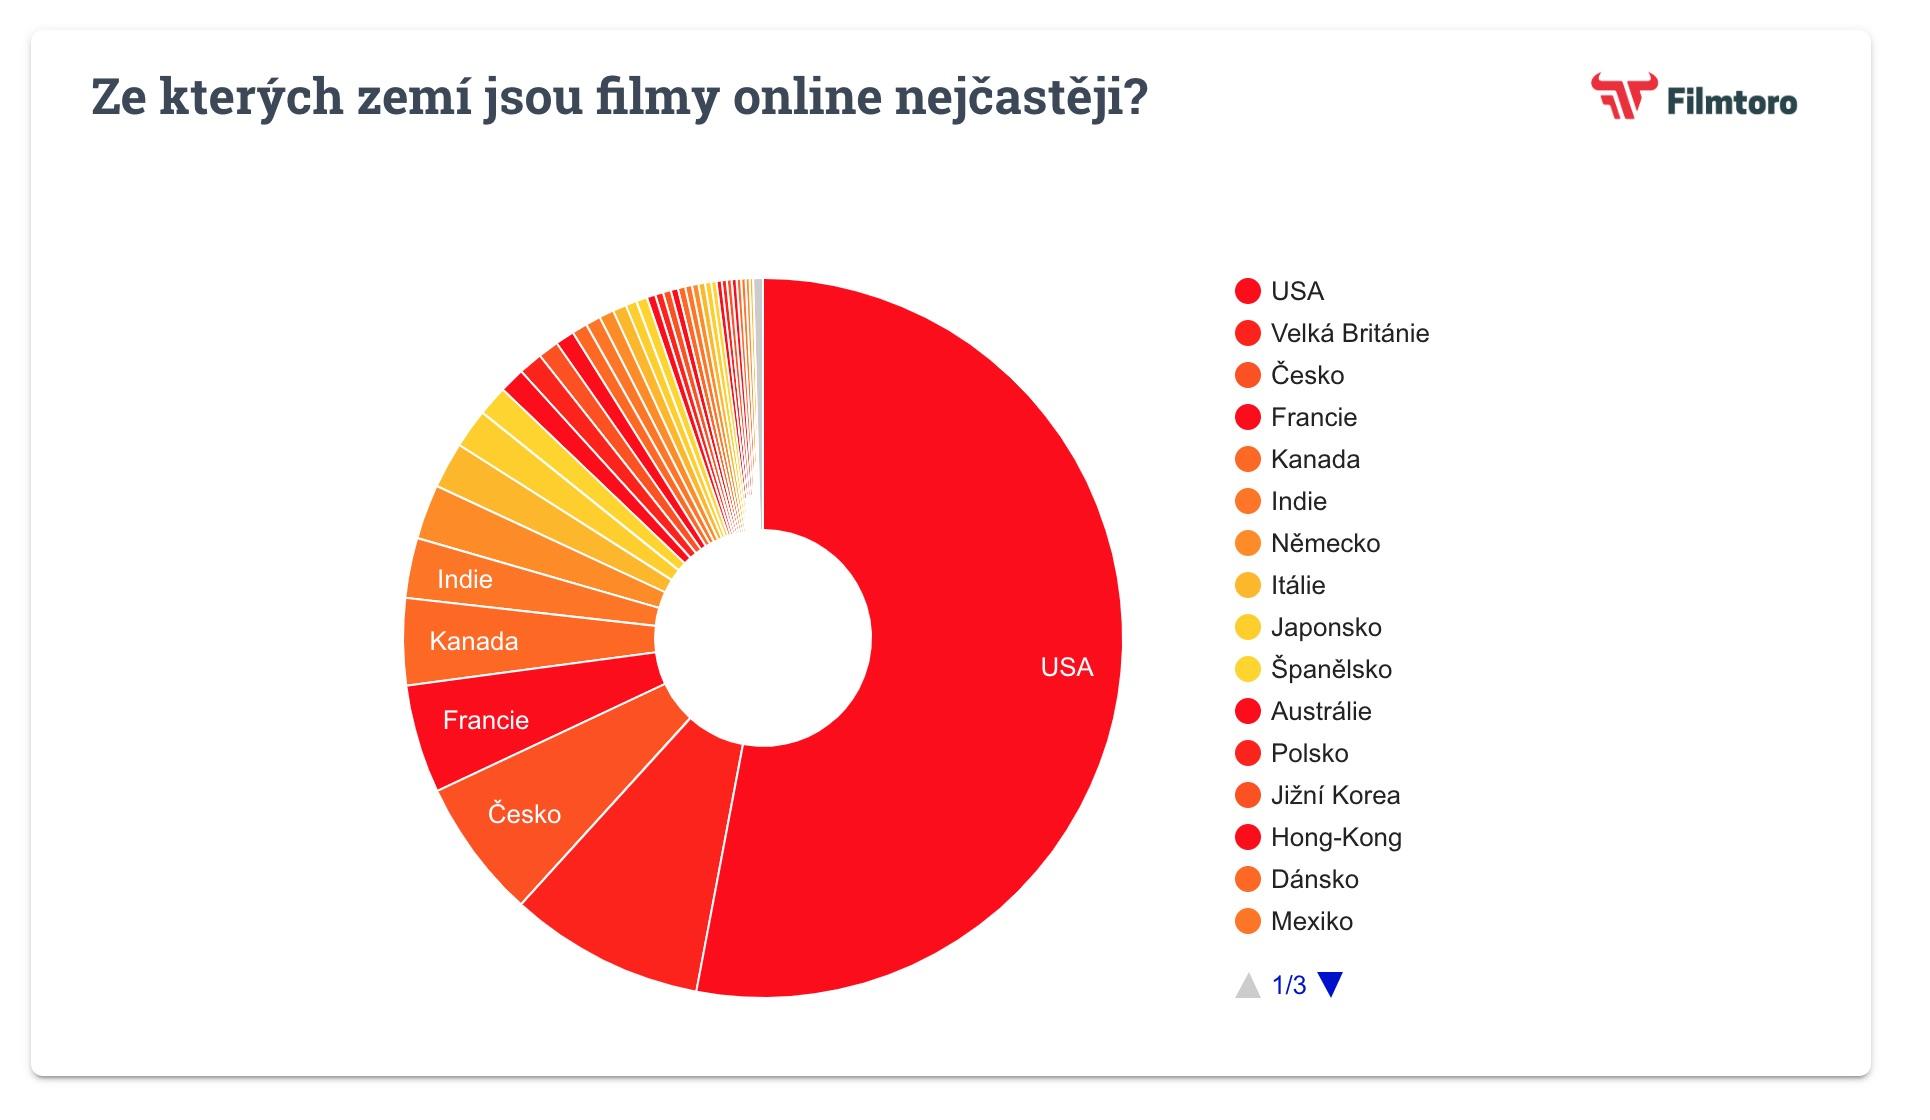 Ze kterých zemí jsou filmy online nejčastěji?